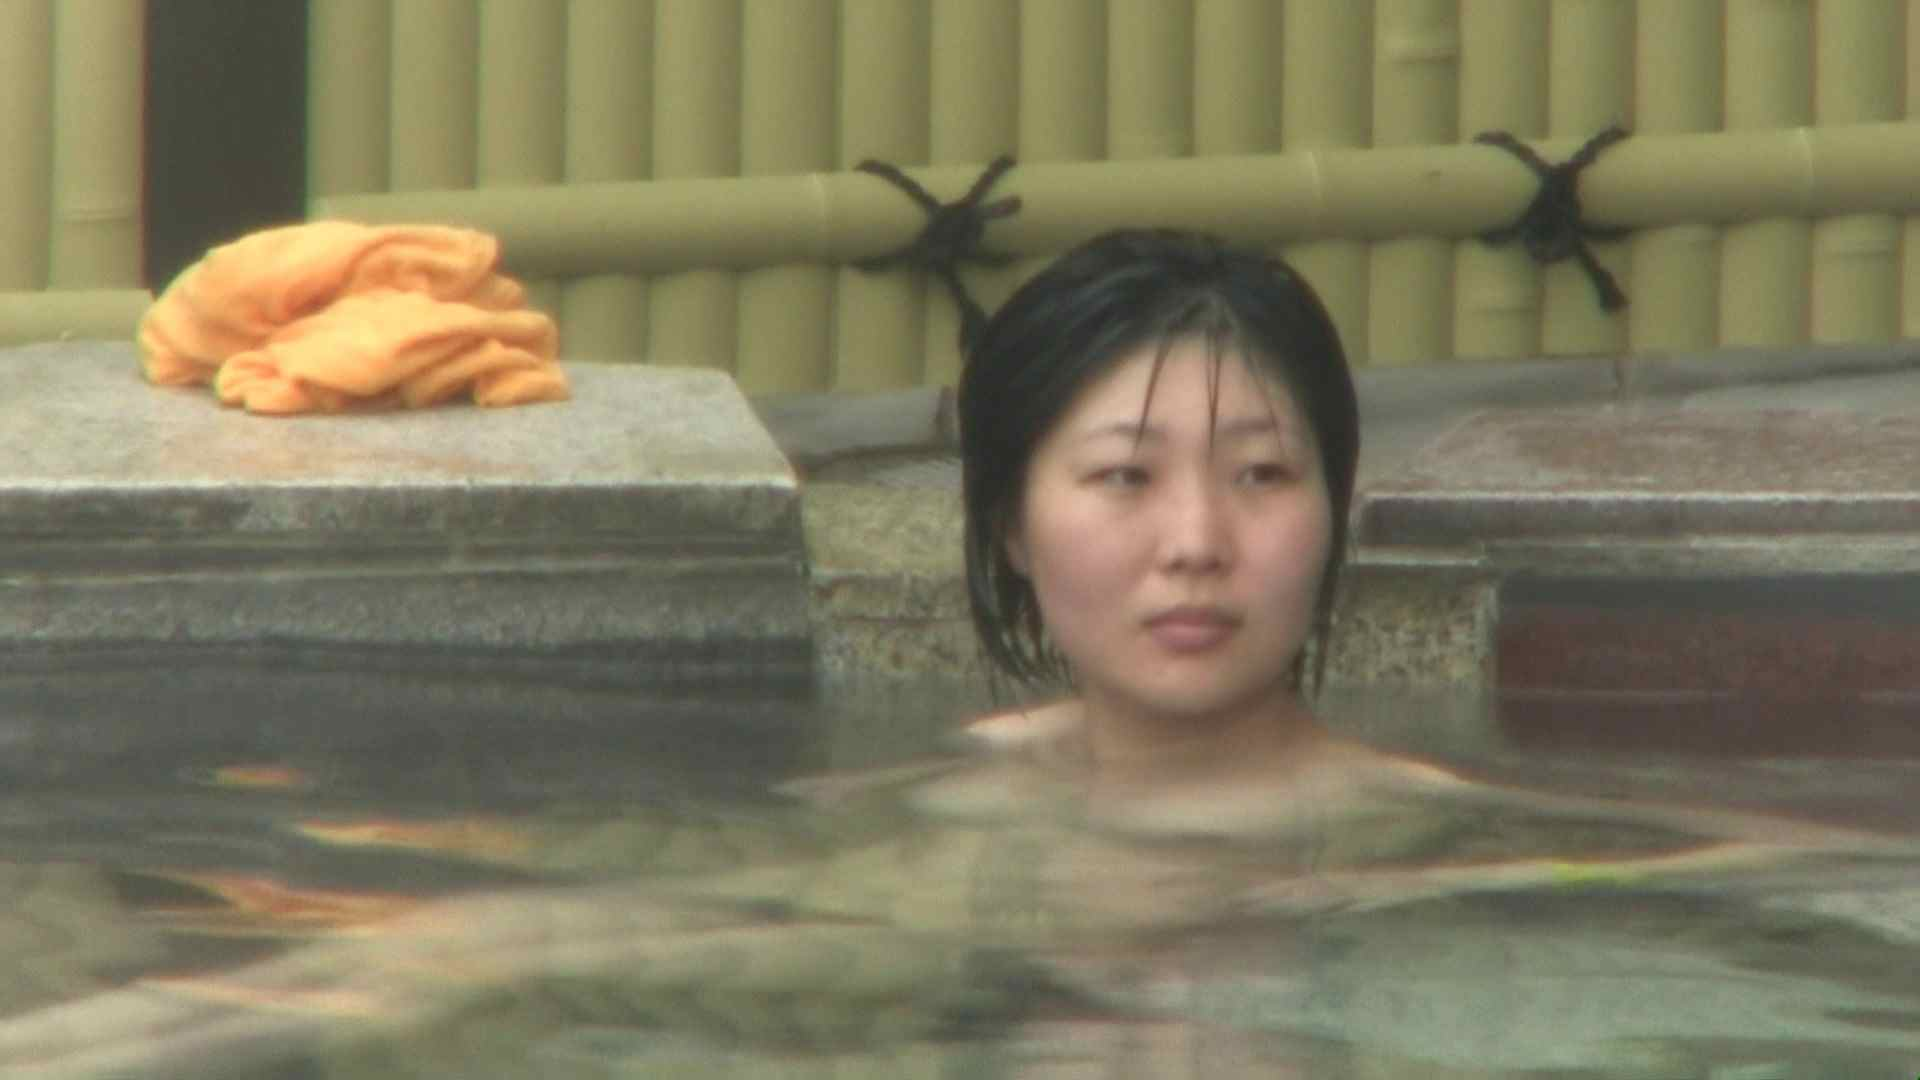 Aquaな露天風呂Vol.75【VIP限定】 美しいOLの裸体  107pic 105